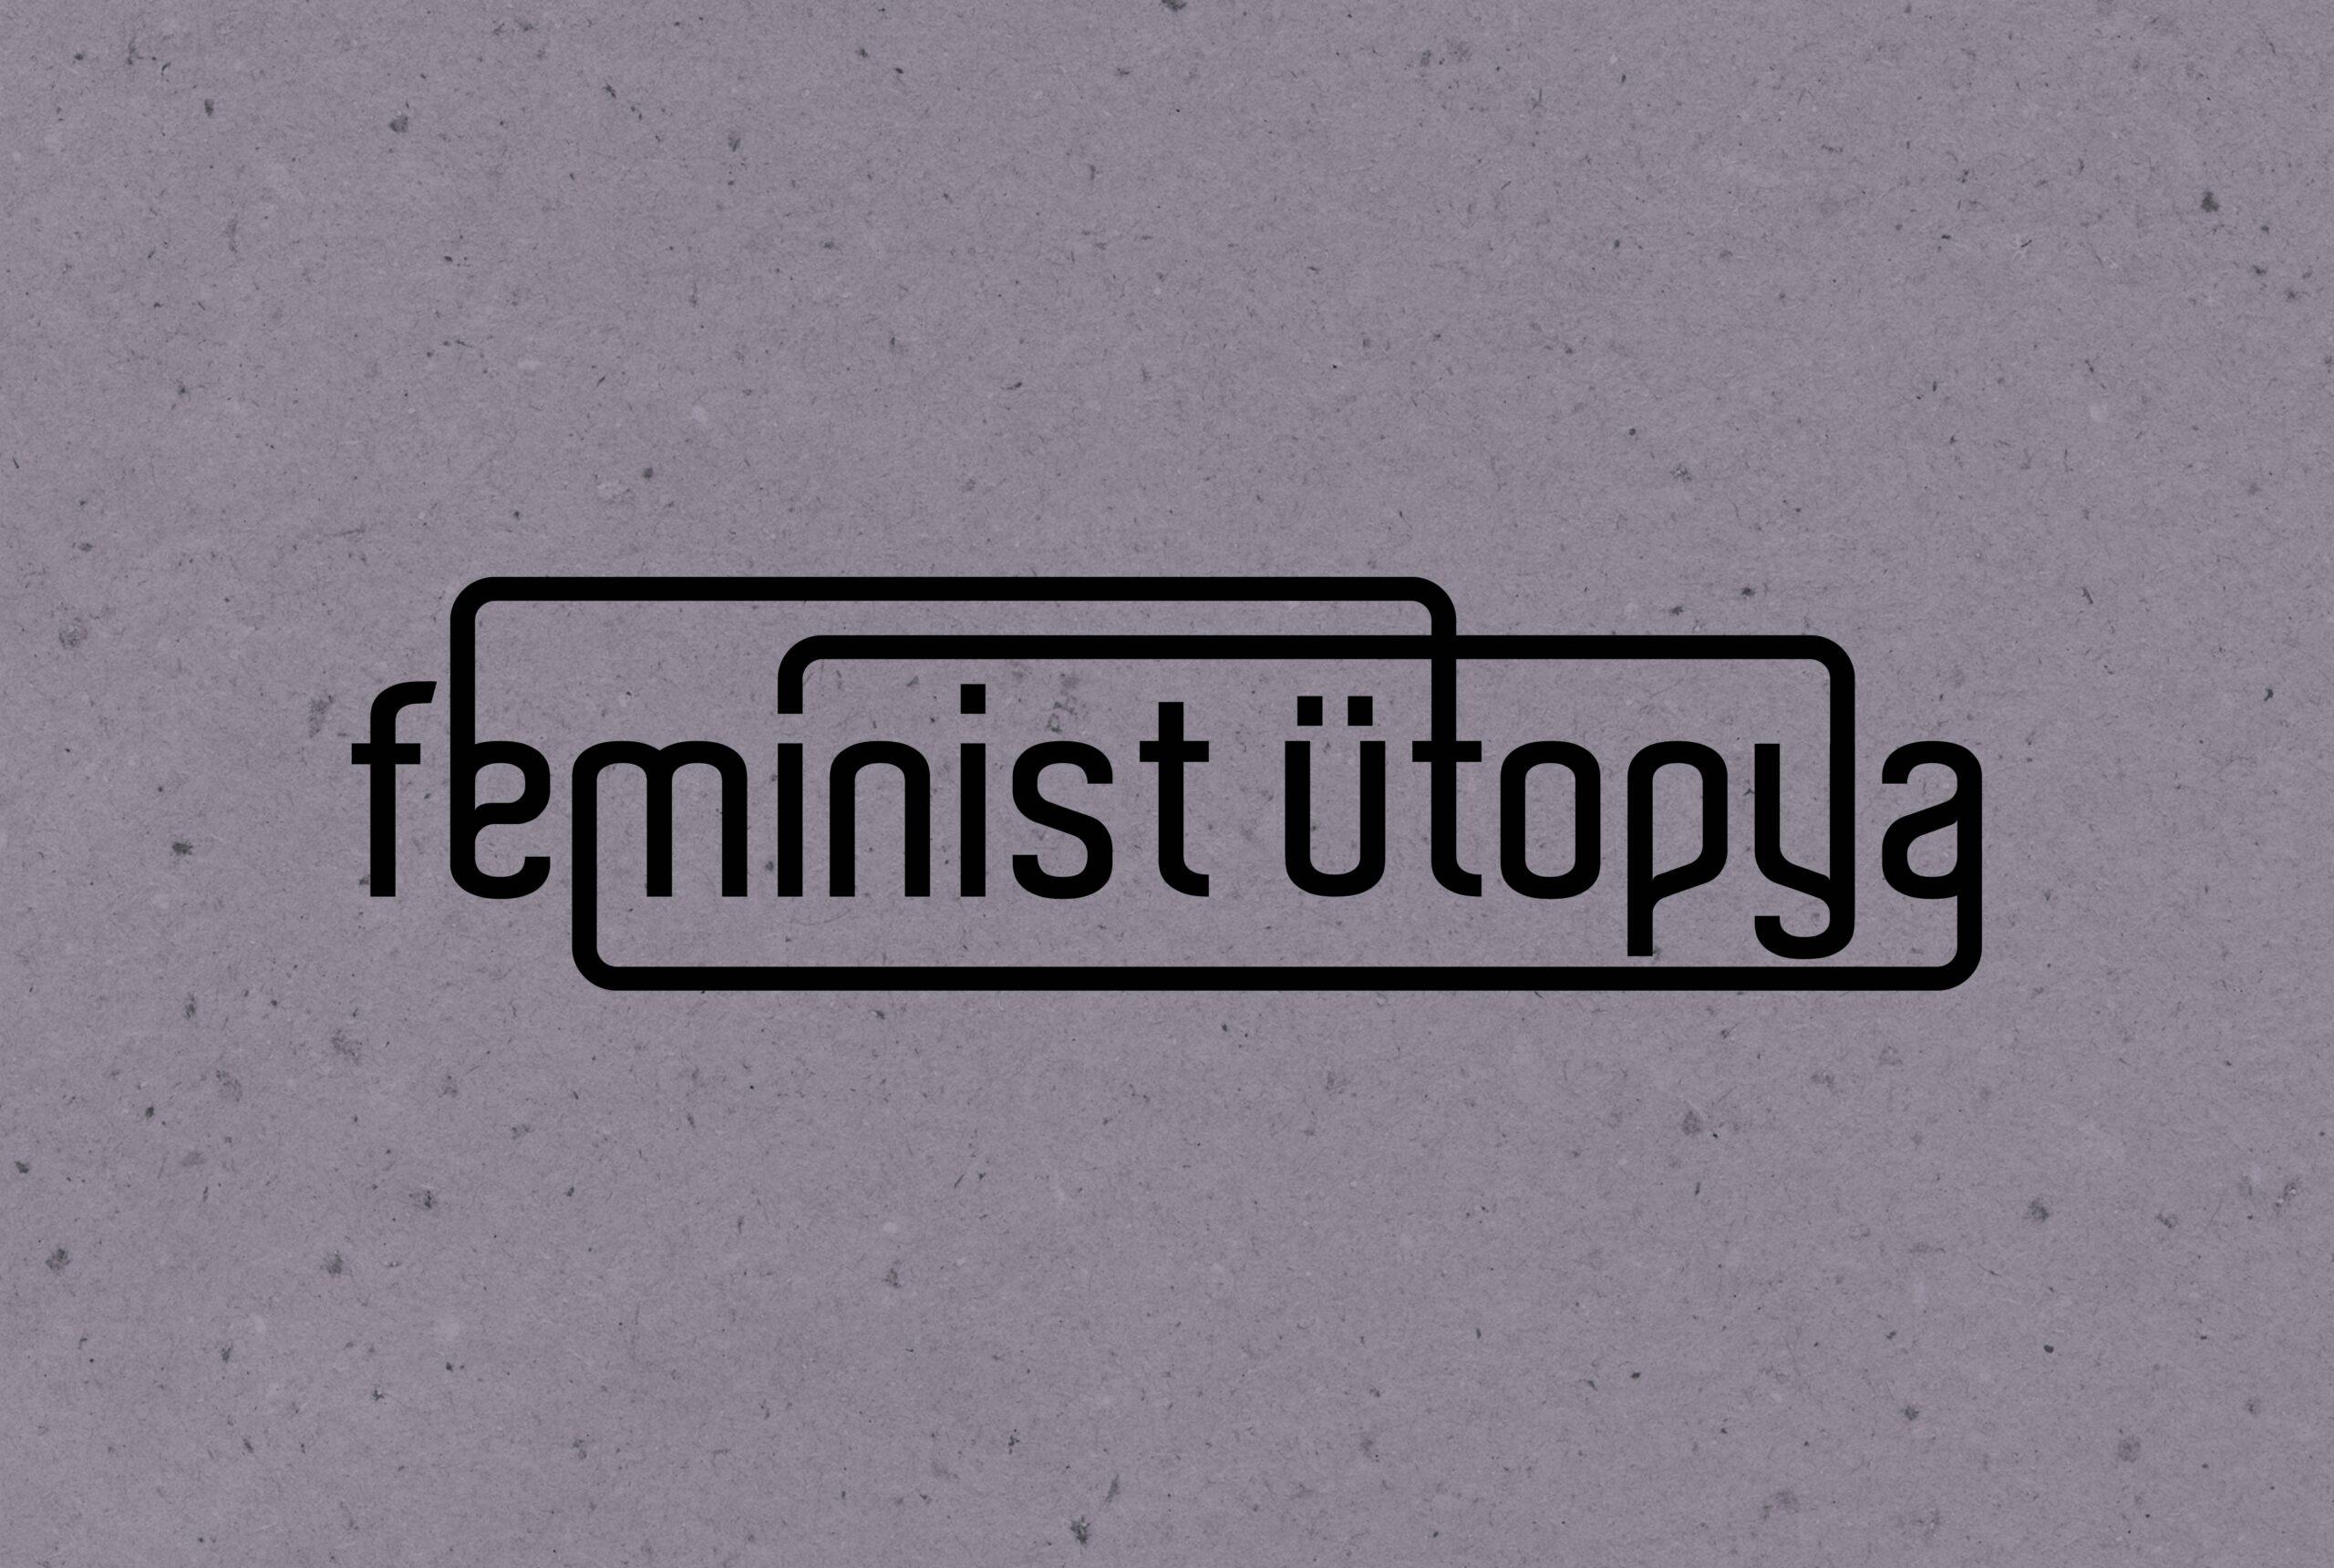 Feminist Ütopya